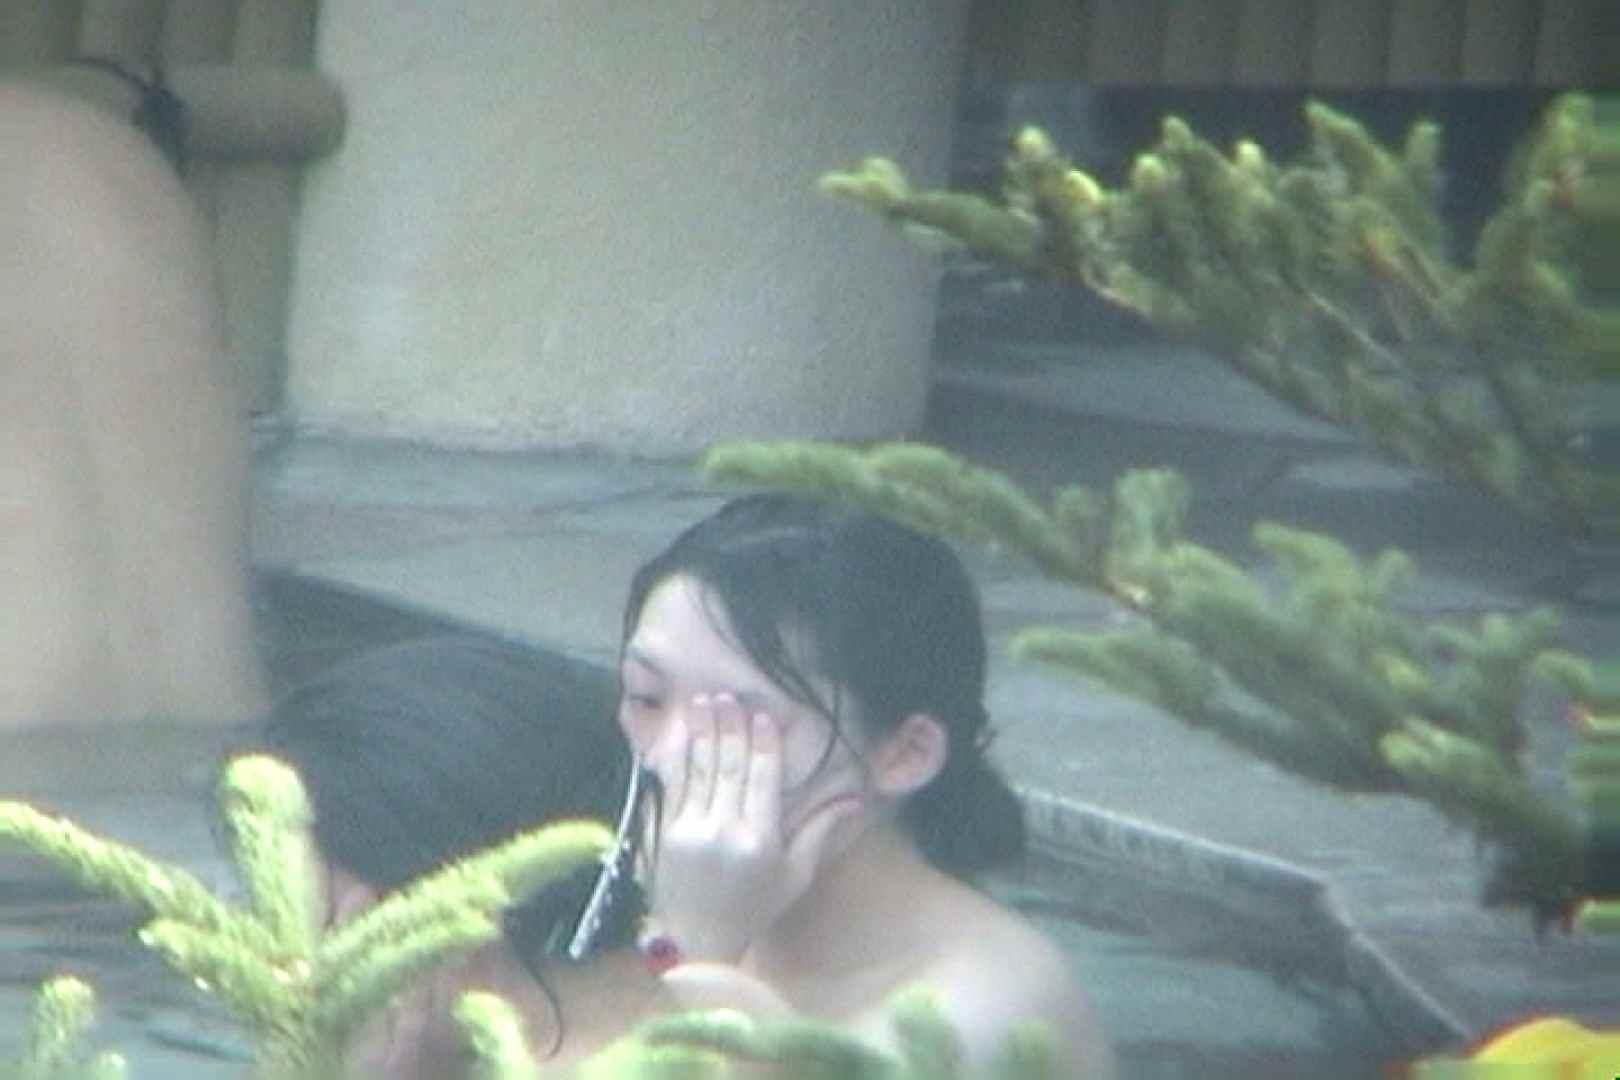 Aquaな露天風呂Vol.105 盗撮師作品   美しいOLの裸体  69pic 16